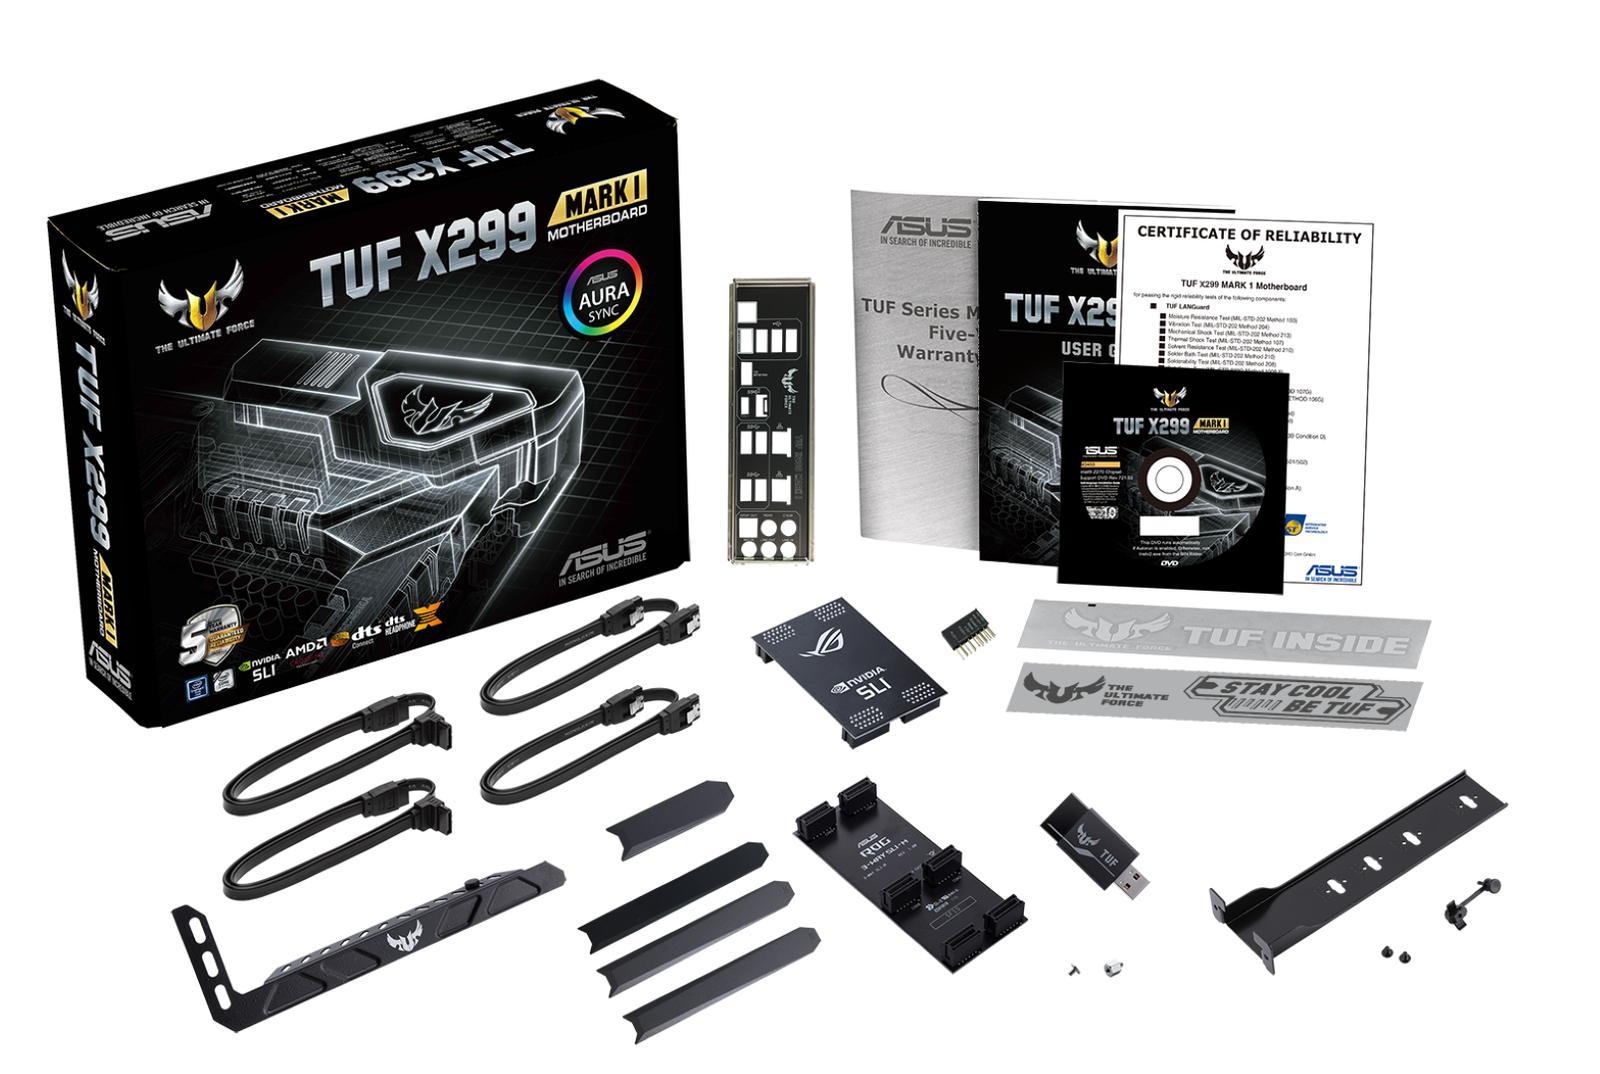 Asus TUF X299 MARK 1 ATX LGA 2066